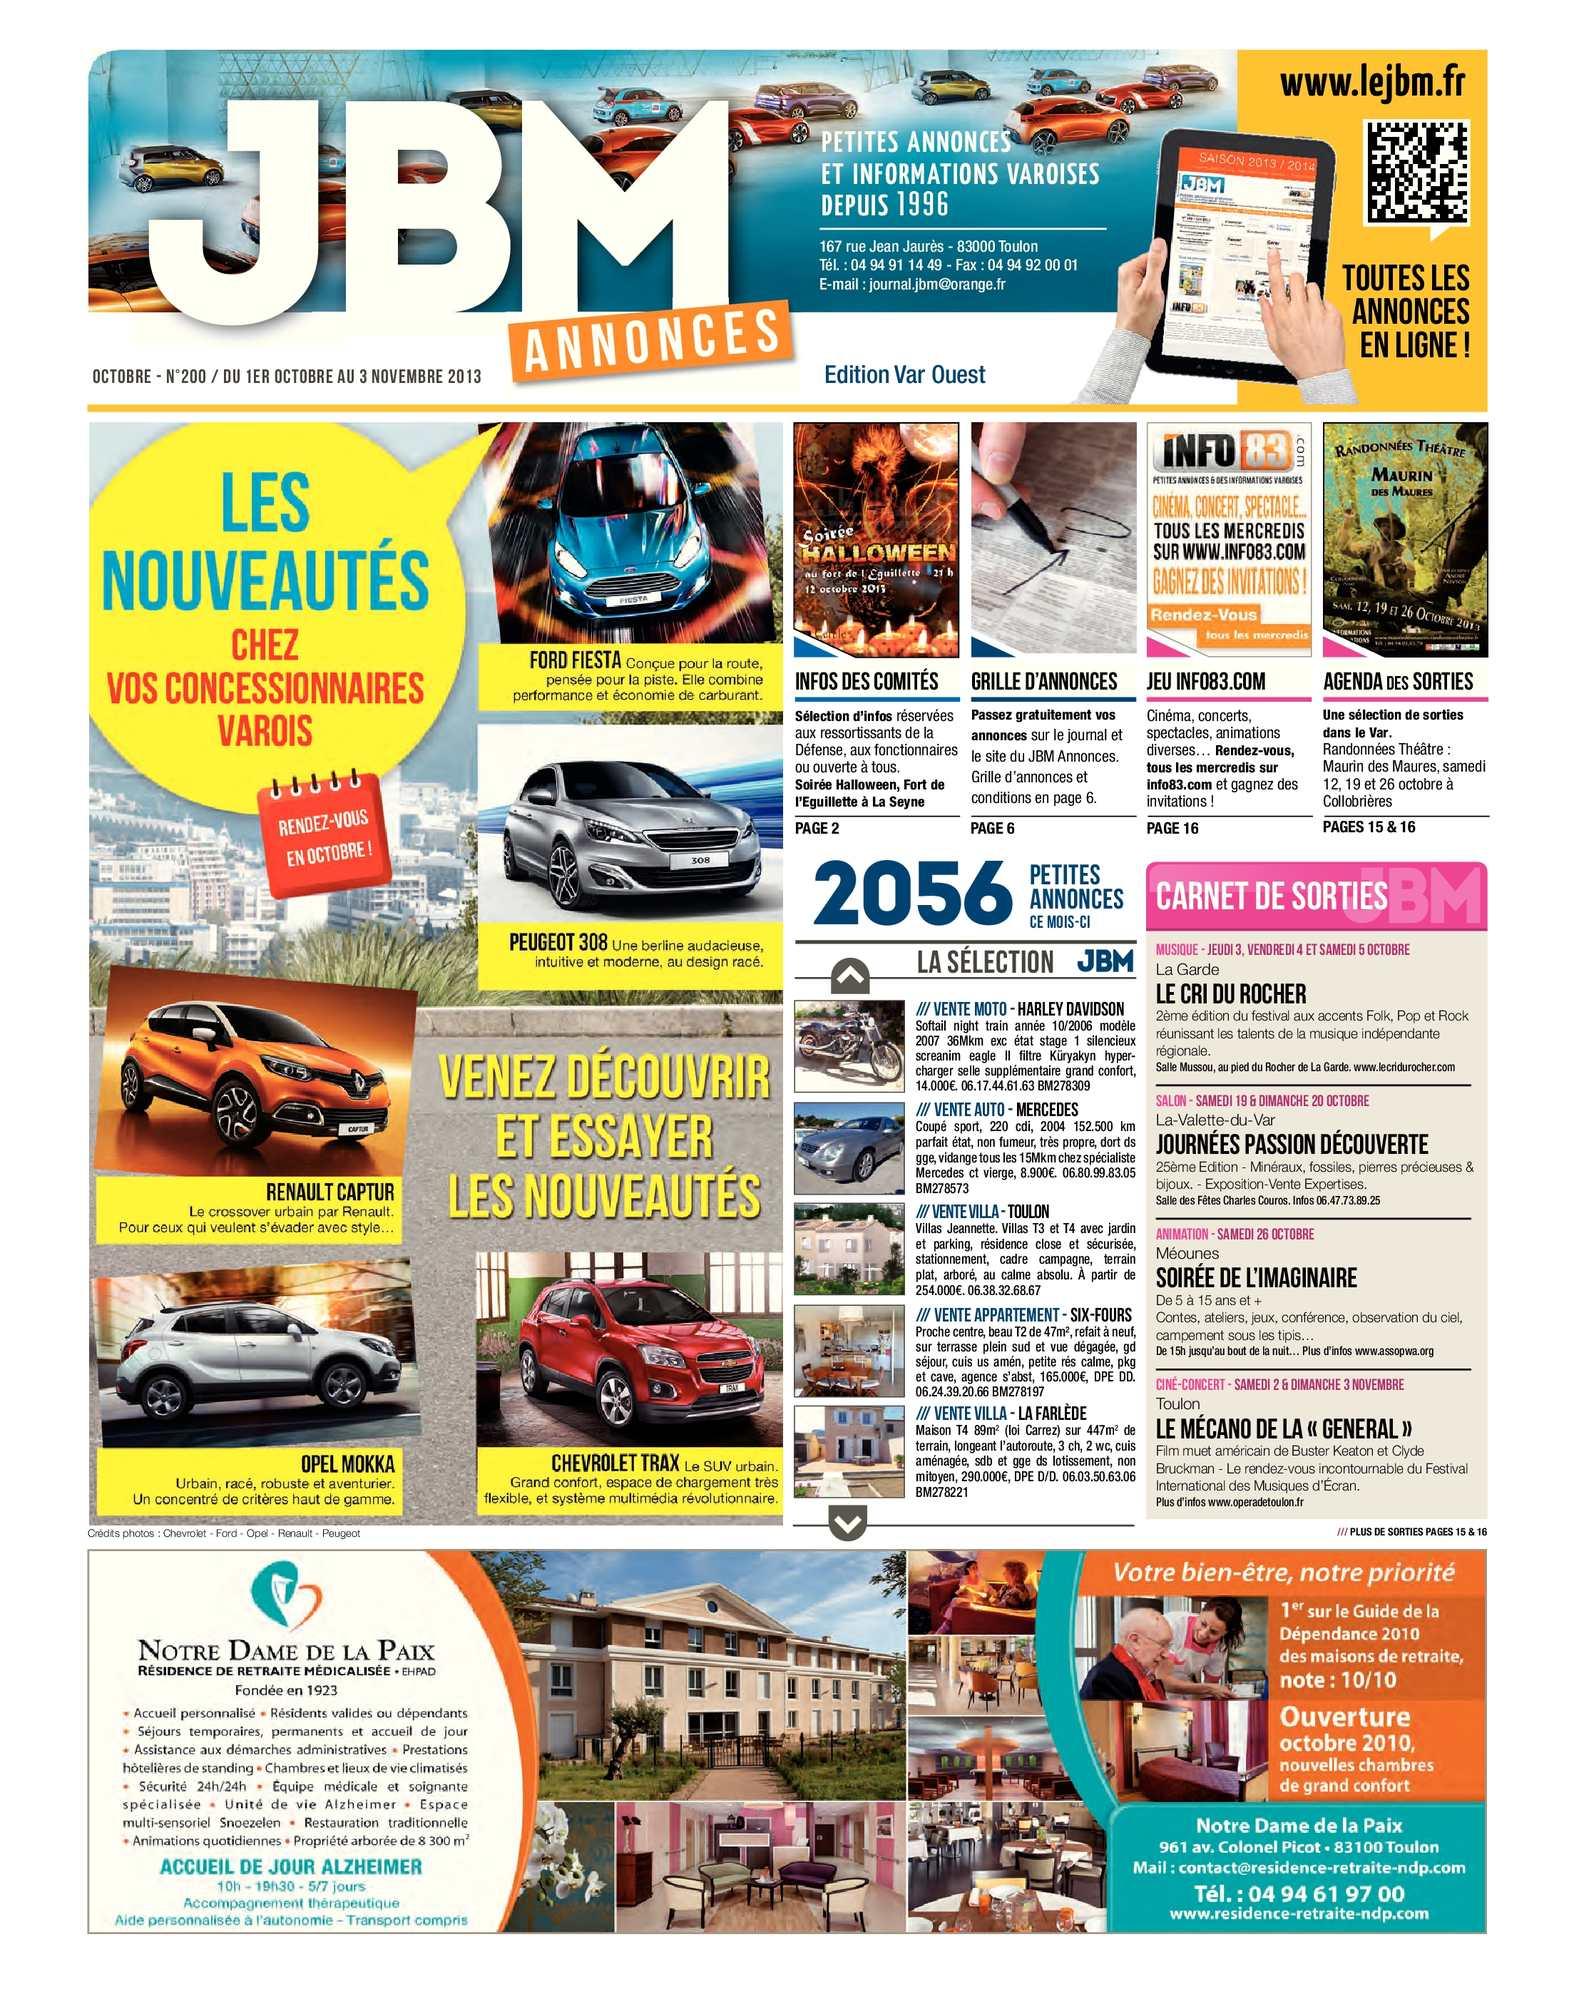 Calaméo Journal Jbm Annonces N200 Octobre 2013